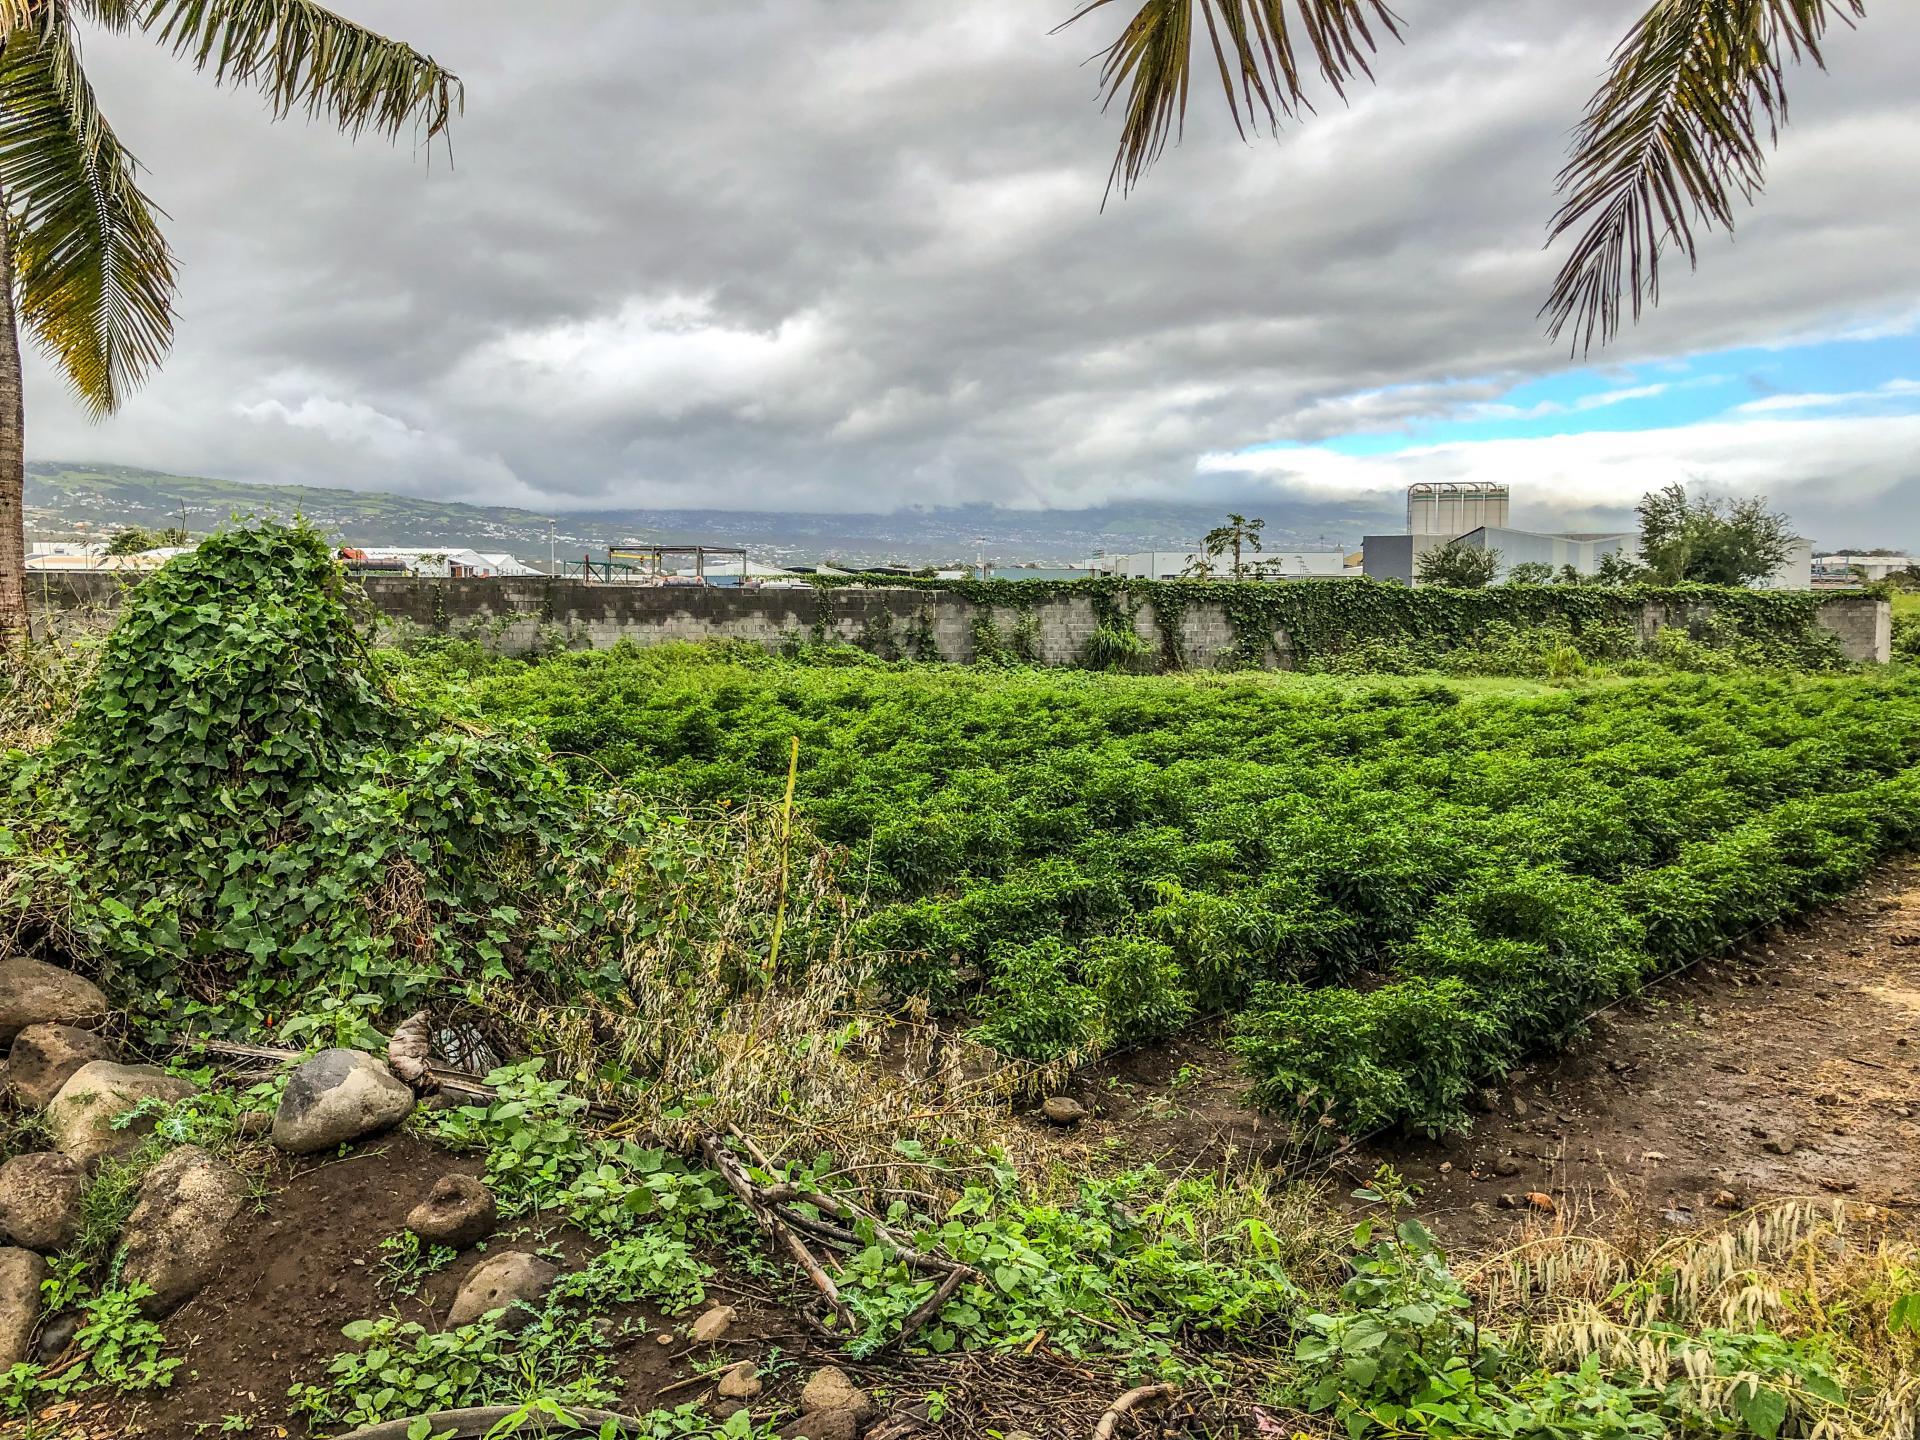 Terrains à bâtir en zone économique - Saint Louis (Réunion)